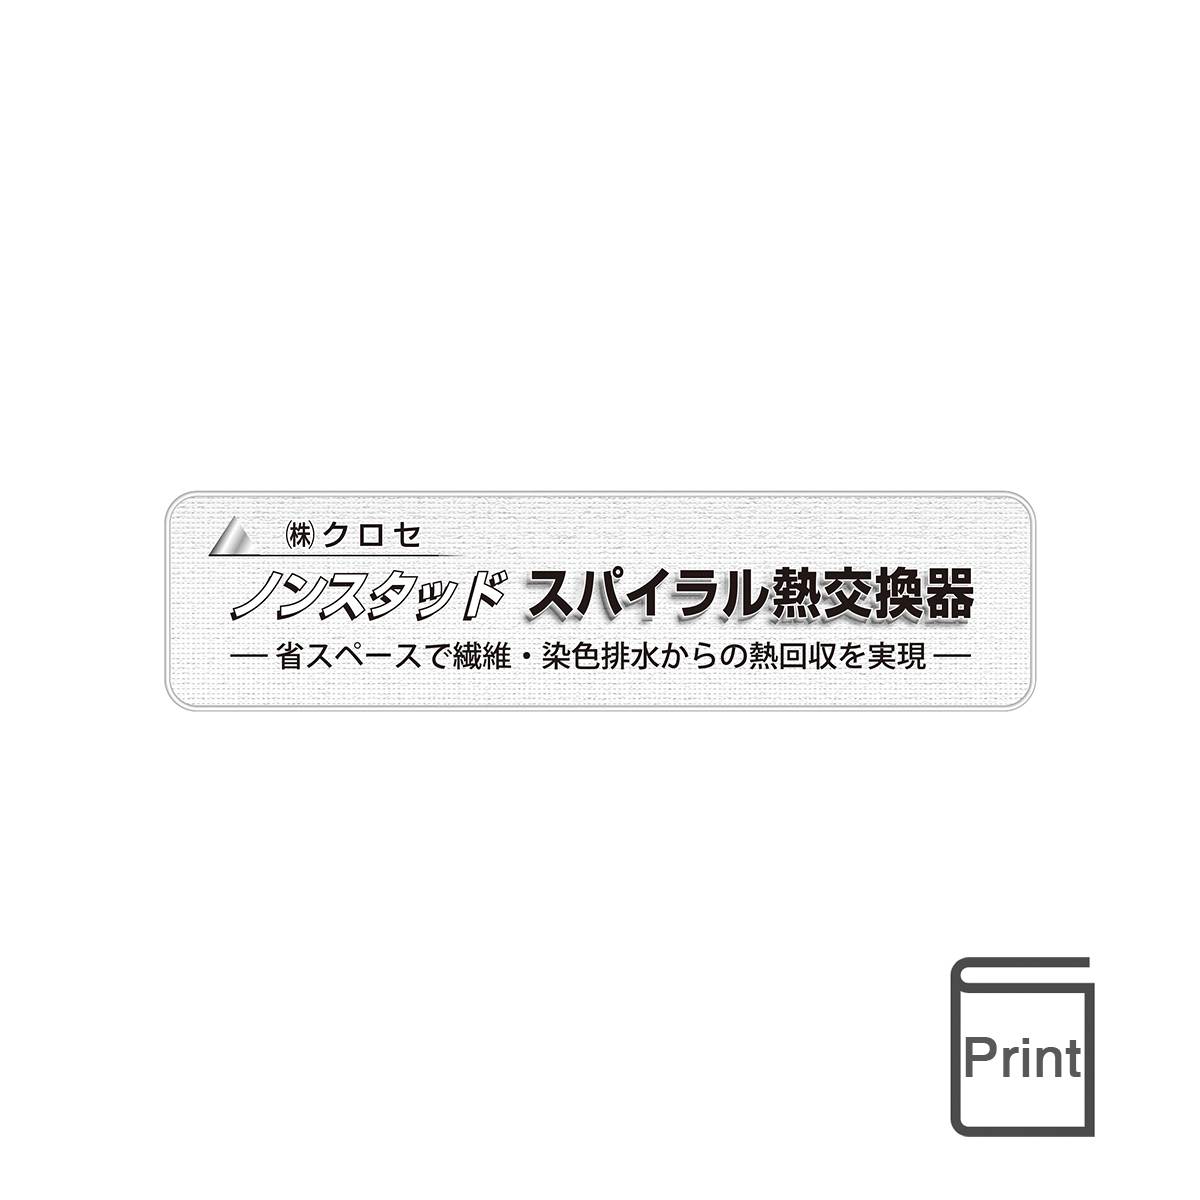 クロセ pdf ダウンロード